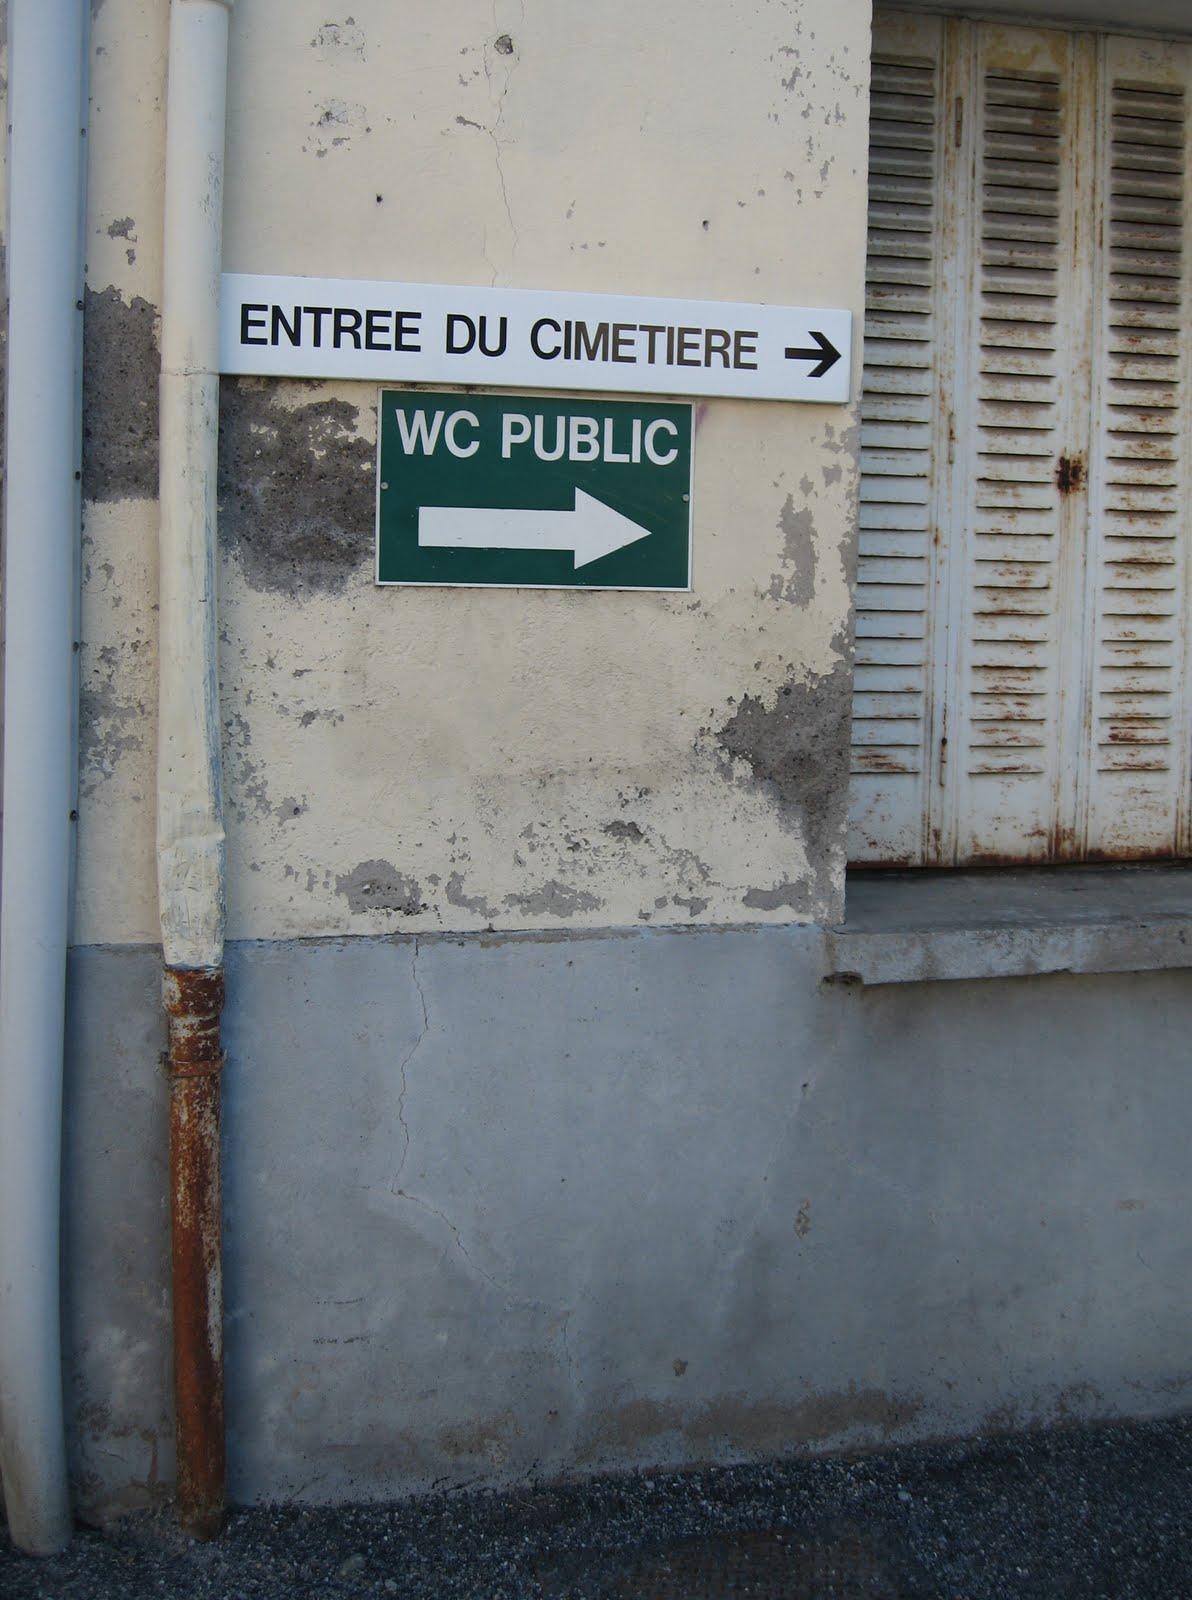 entrée du cimetière, WC public